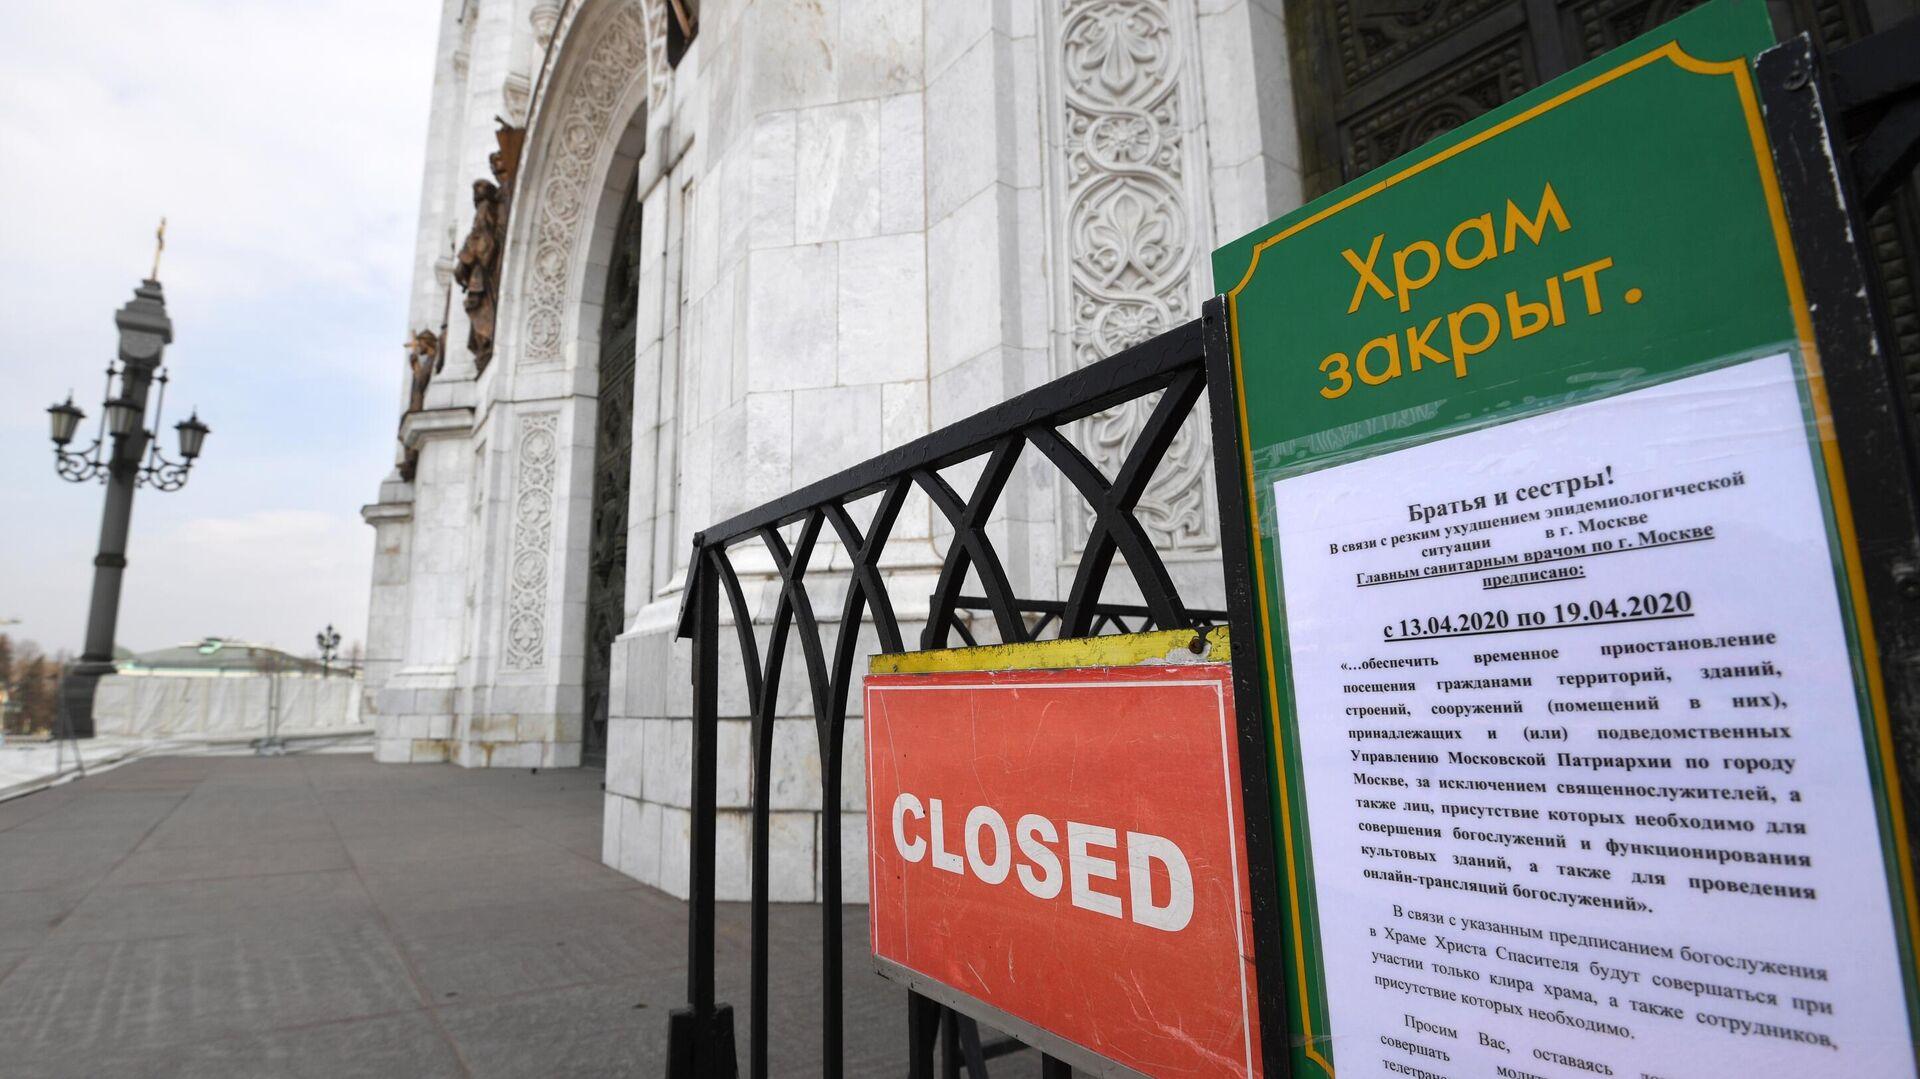 Храм Христа Спасителя закрыт для посещения - РИА Новости, 1920, 23.04.2020